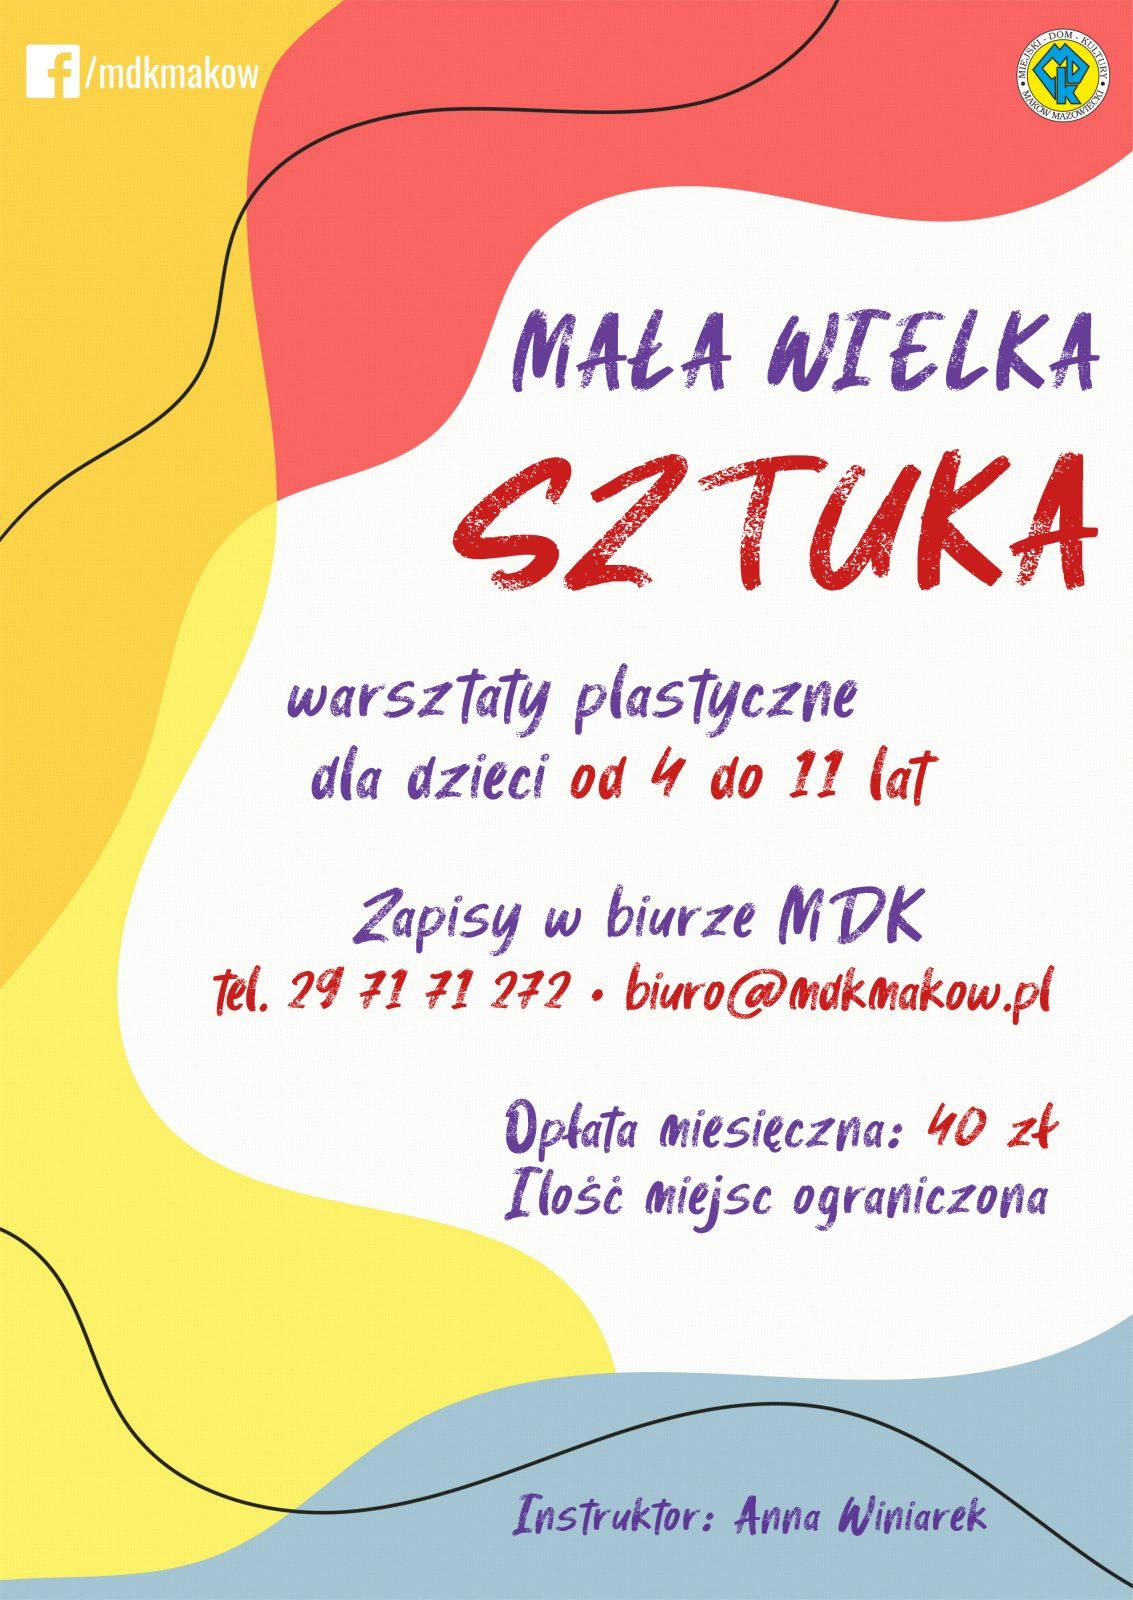 Plakat informujący o zapisach na warsztaty plastyczne dla dzieci w wieku od 4 do 11 lat.